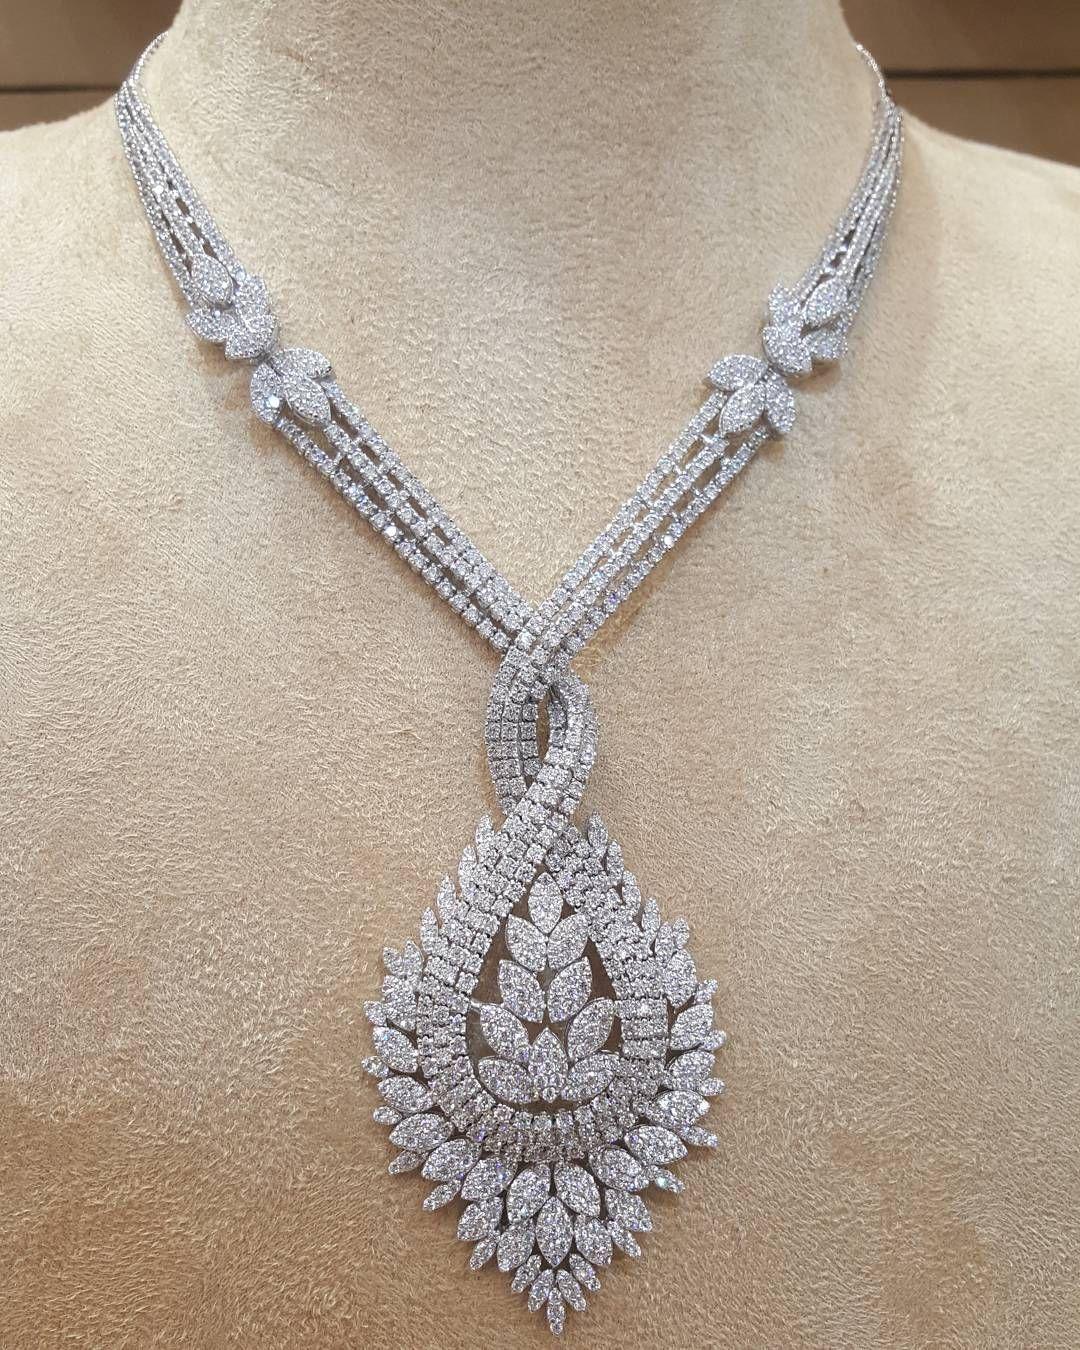 طقم ذهب ابيض عيار18 مجوهرات مجوهراتي أناقة ذهب مكة المكرمة الماس الالماس الماسة الموضة الجمال الأناقة Women Jewelry Amazing Jewelry Fashion Jewelry